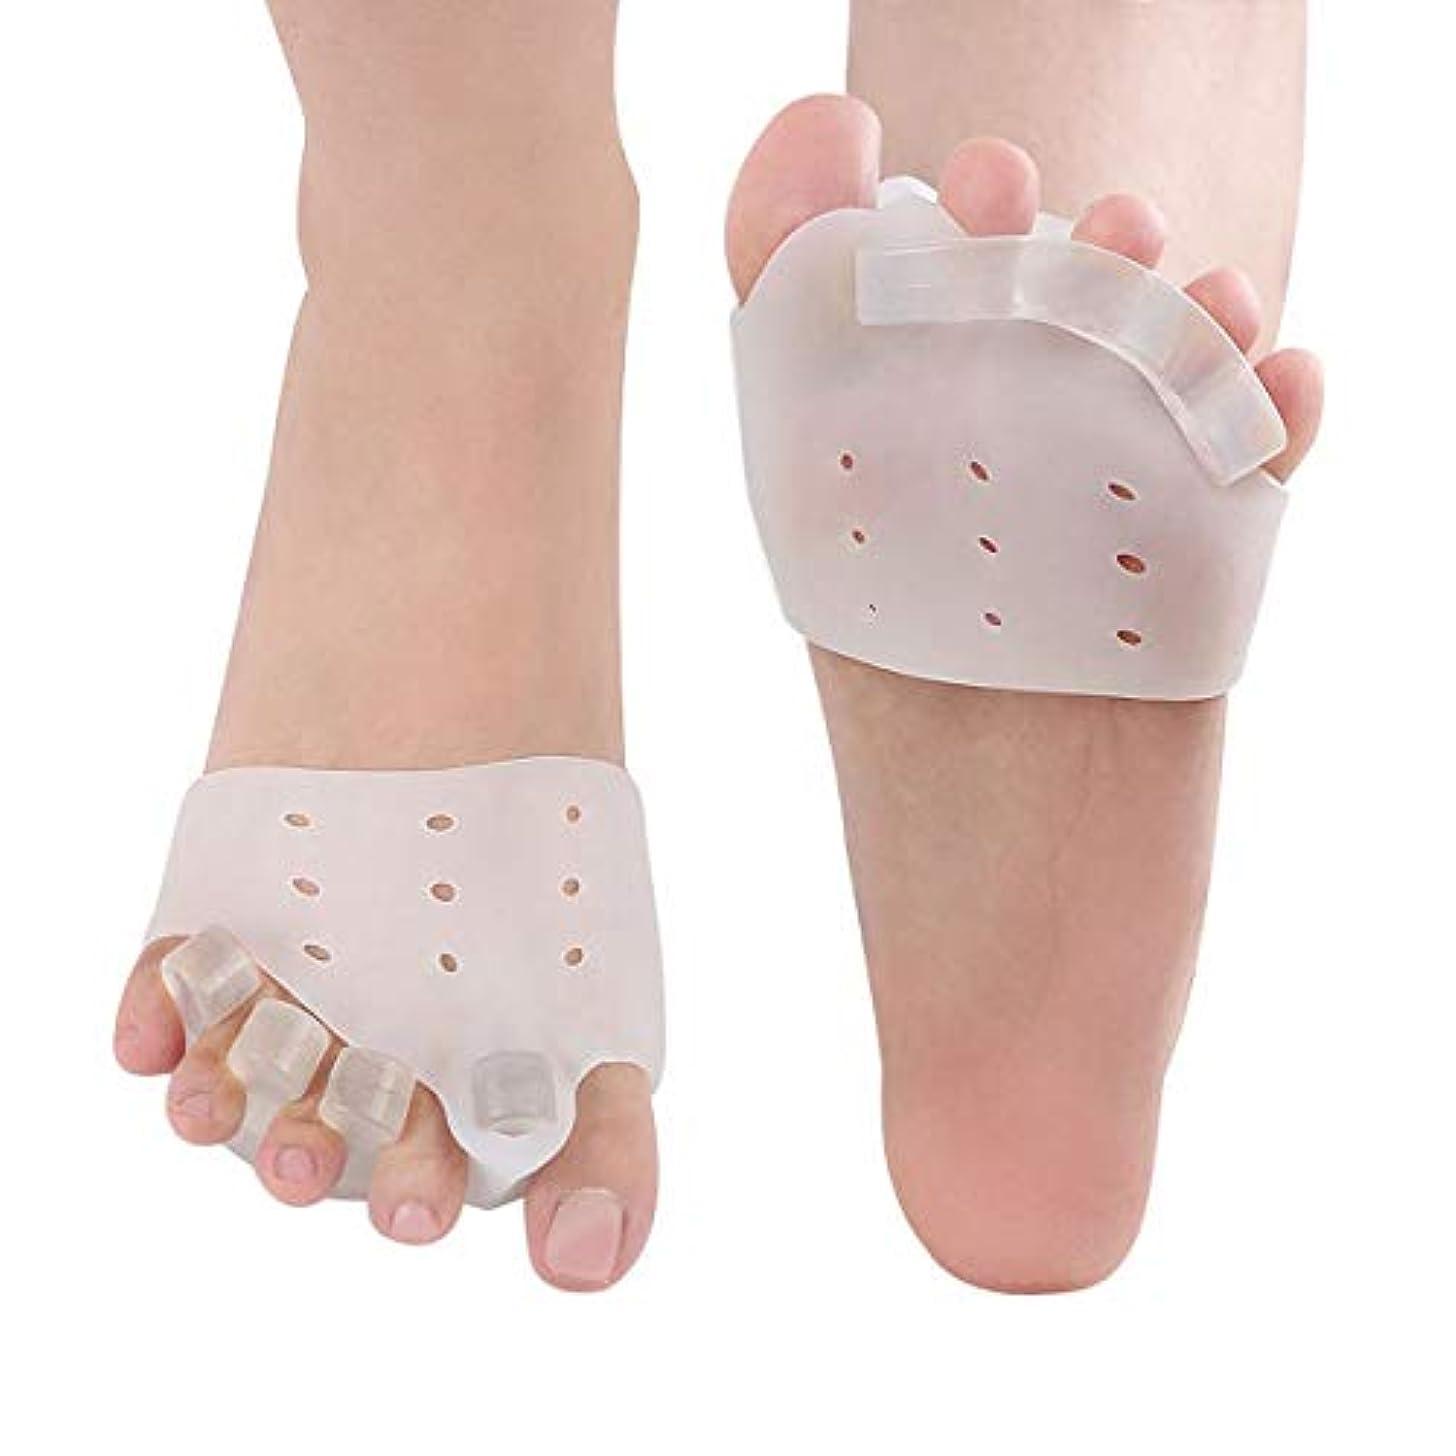 人口伝えるチャーミング足指パッド セパレーター 矯正 足指を広げる 外反母趾矯正 内反小趾 サポーター 足指矯正パッド 足指分離 足指 シリコンパッド 足用保護パッド 足の痛みを軽減 男女兼用 左右兼用 (左右セット)